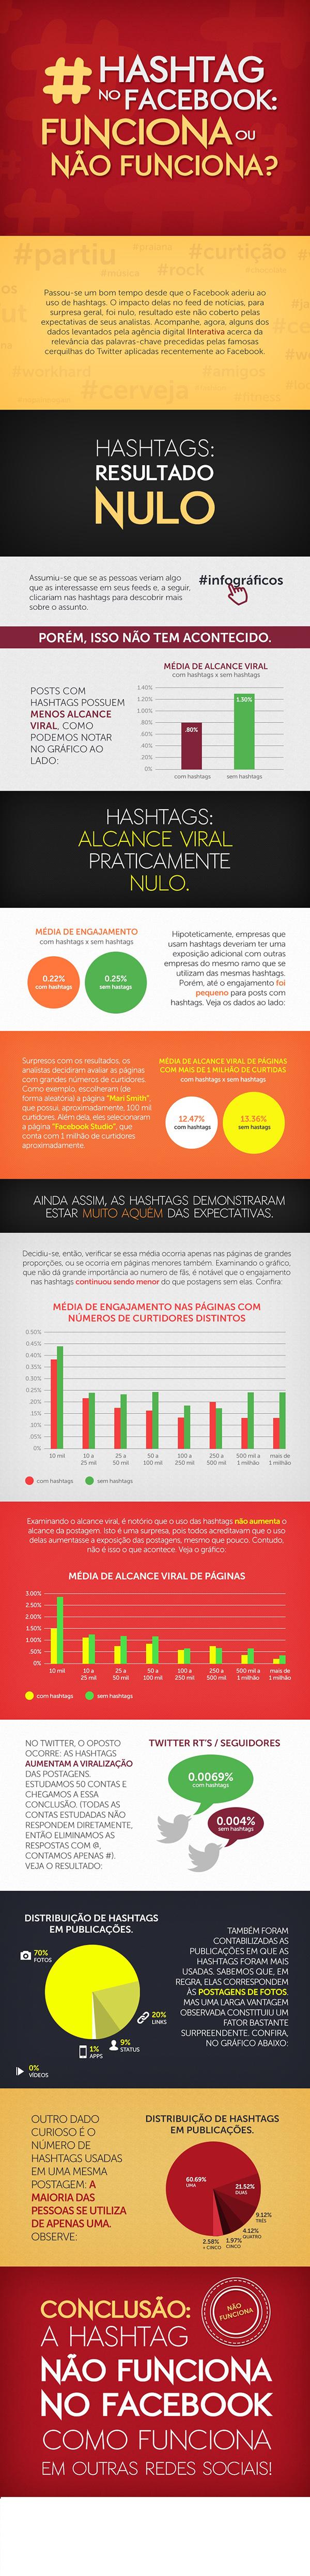 Infográfico Hashtags no Facebook